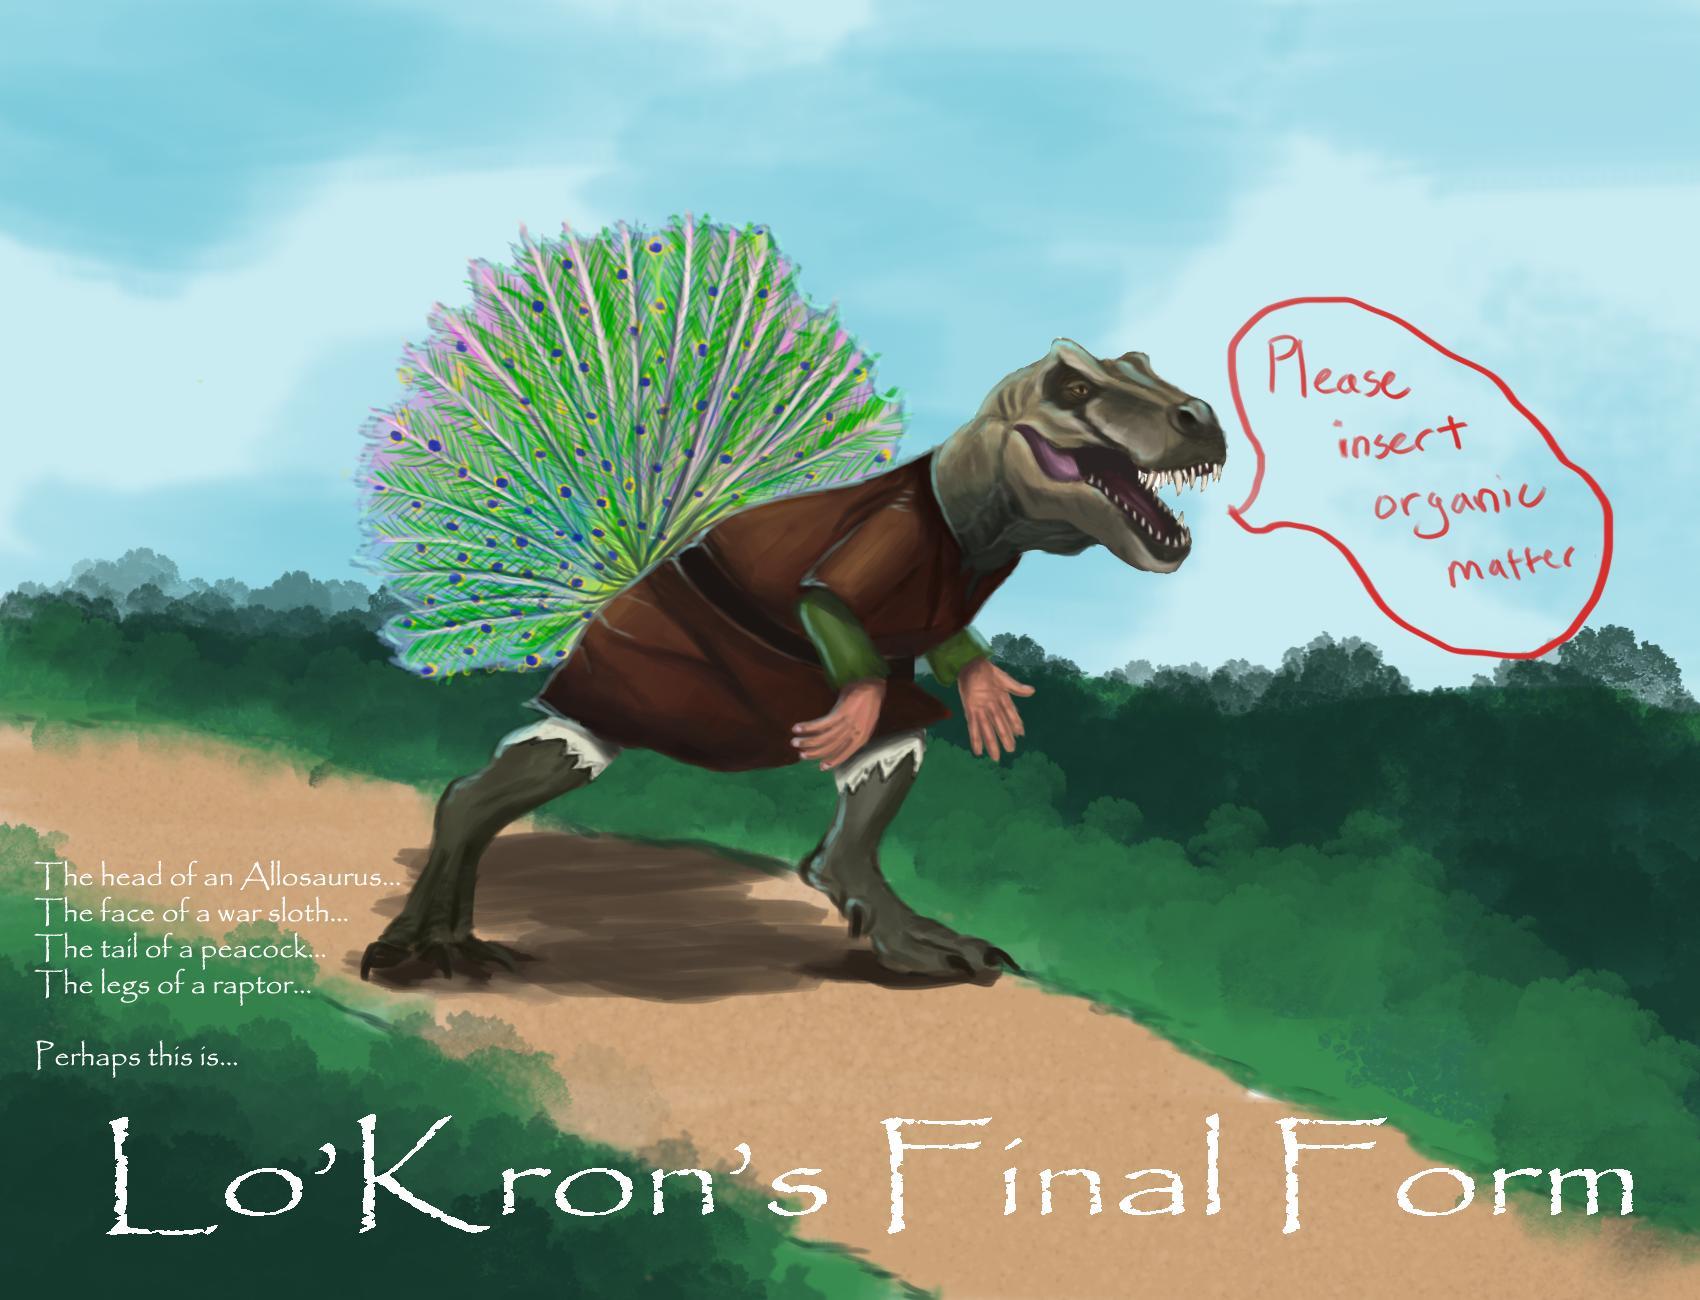 Lo'Kron's Detox